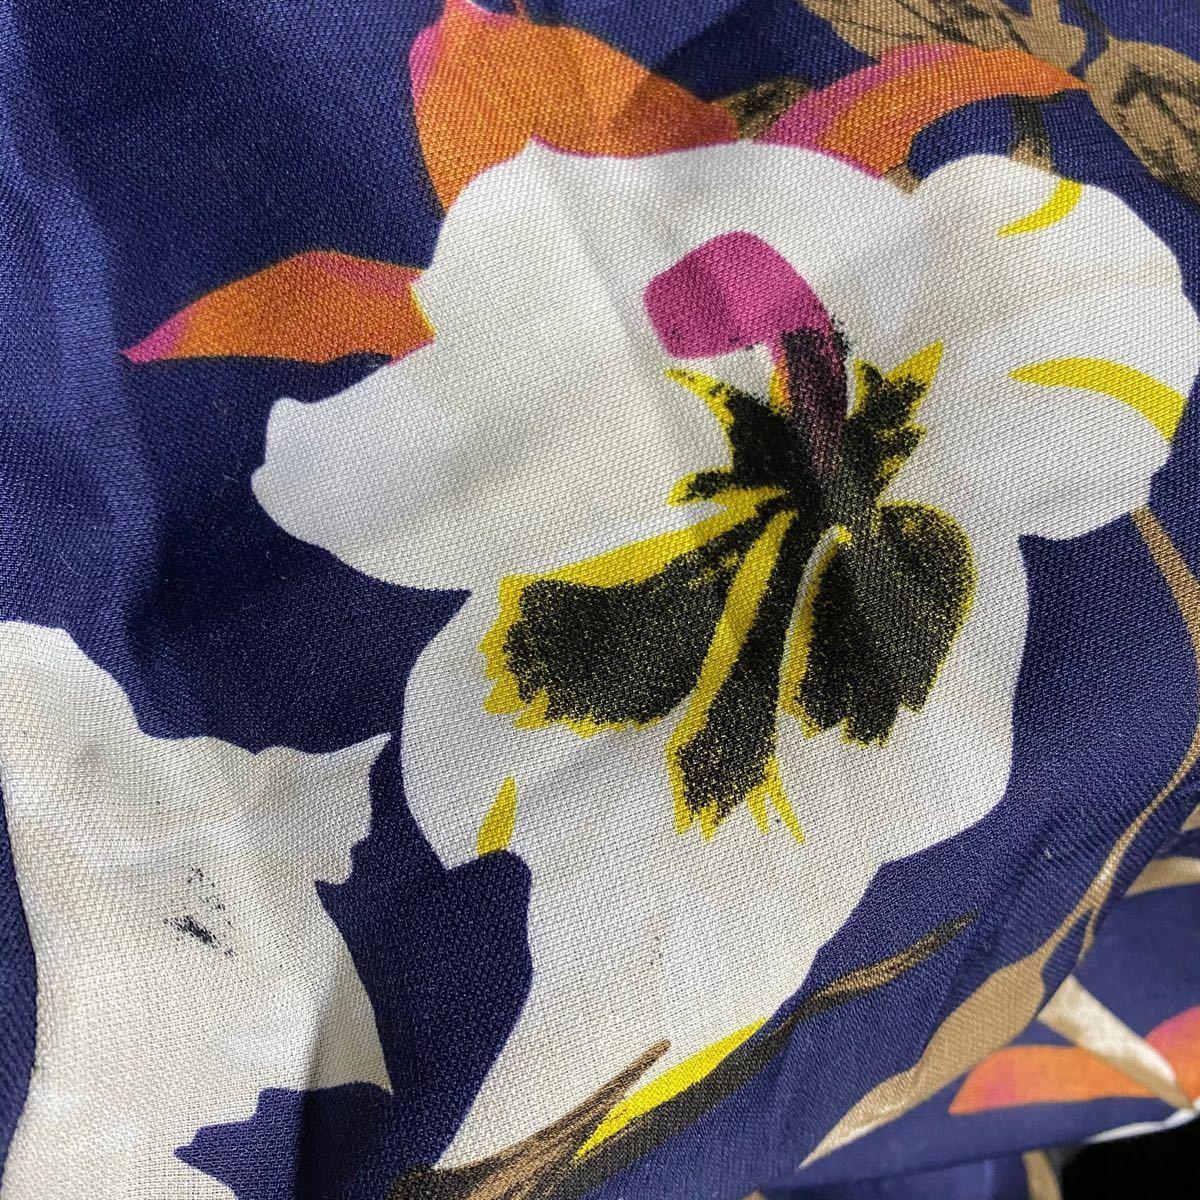 ロングスカート 花柄 マキシ丈スカート フレア フレアスカート リネン マキシ ロング丈 ロング スカート 大花 M